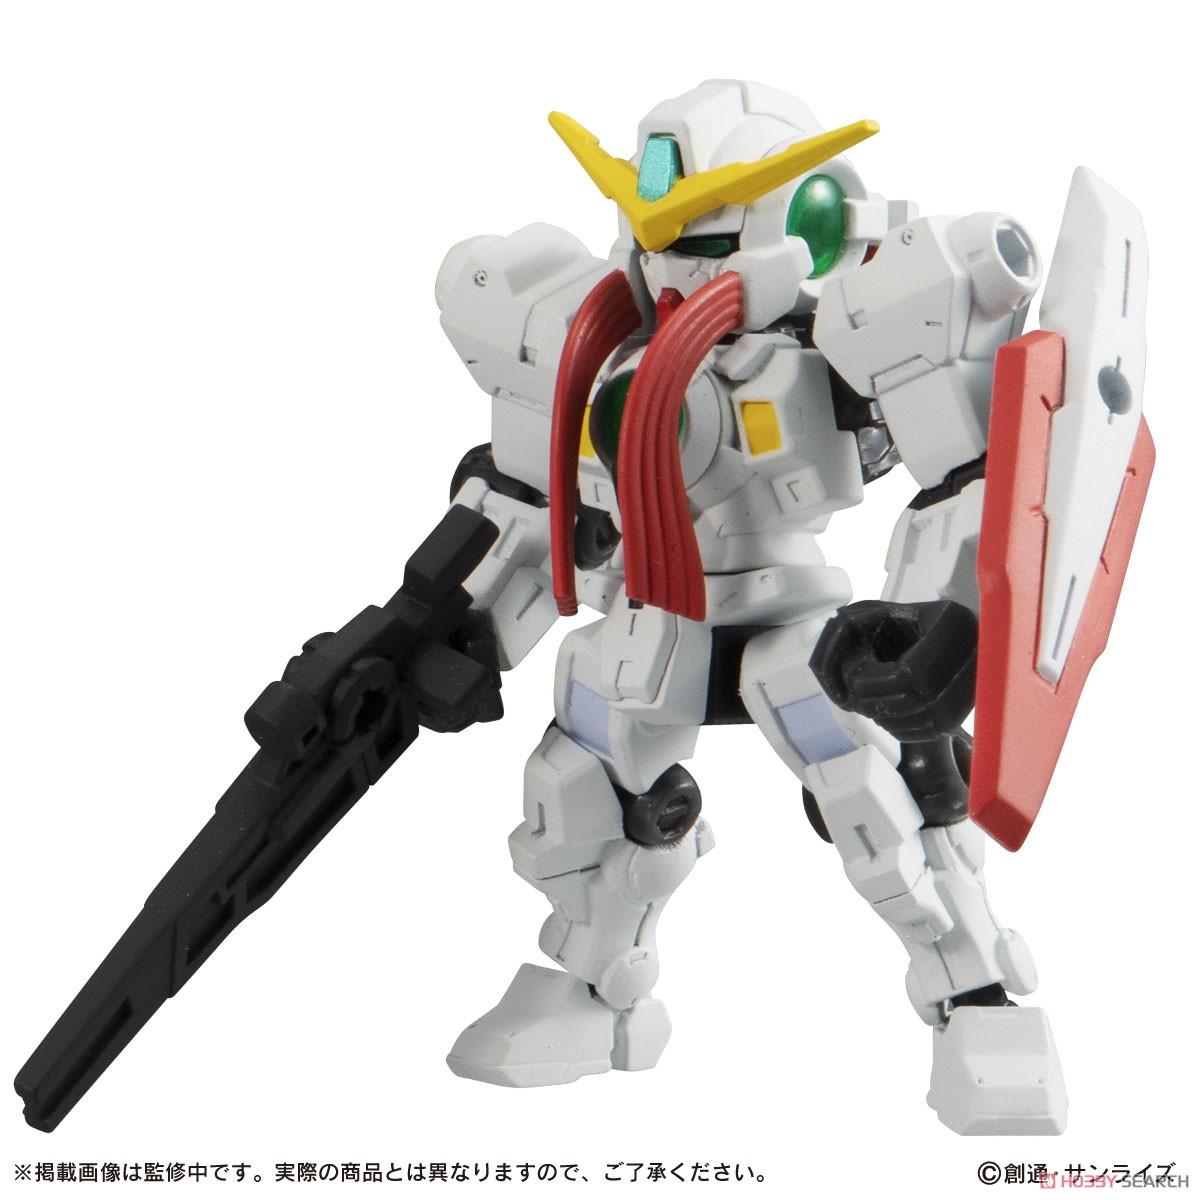 機動戦士ガンダム『MOBILE SUIT ENSEMBLE17』デフォルメ可動フィギュア 10個入りBOX-003